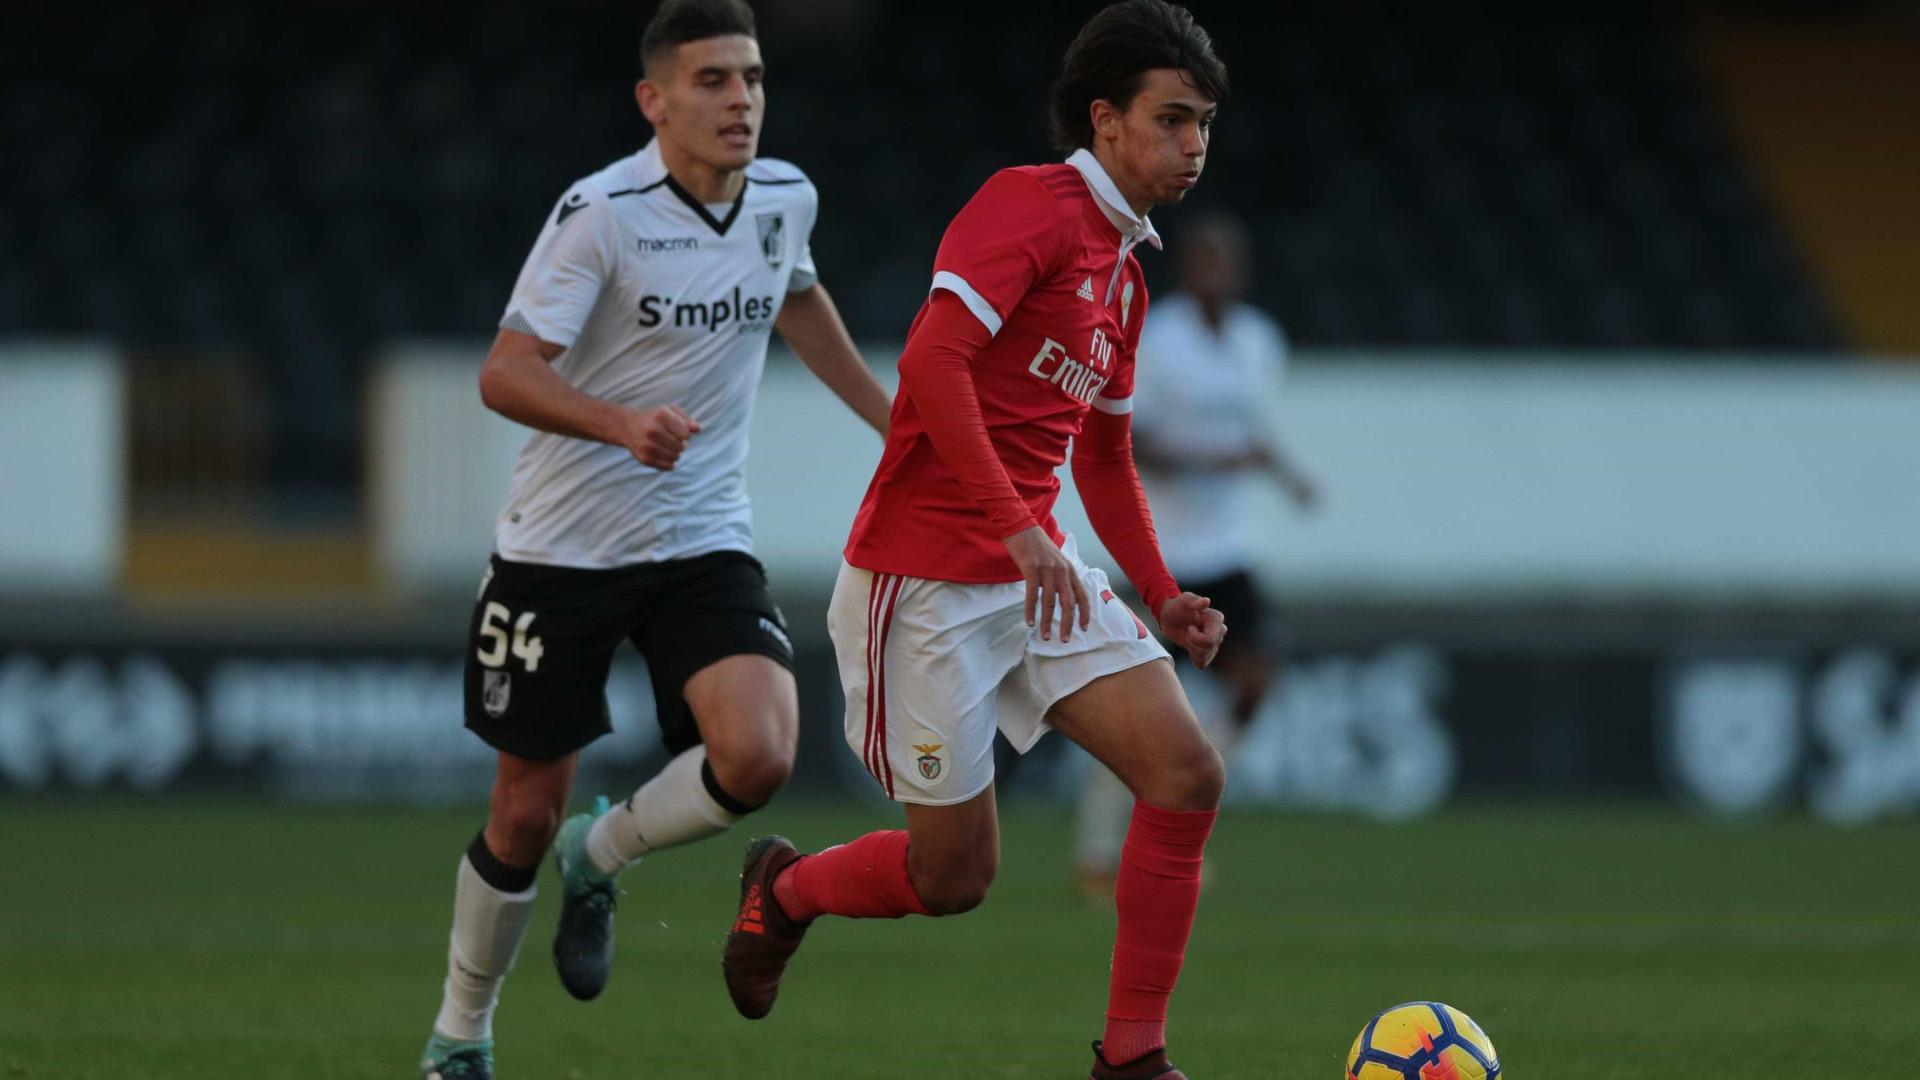 Benfica é líder provisório após vencer Portimonense por 3-1